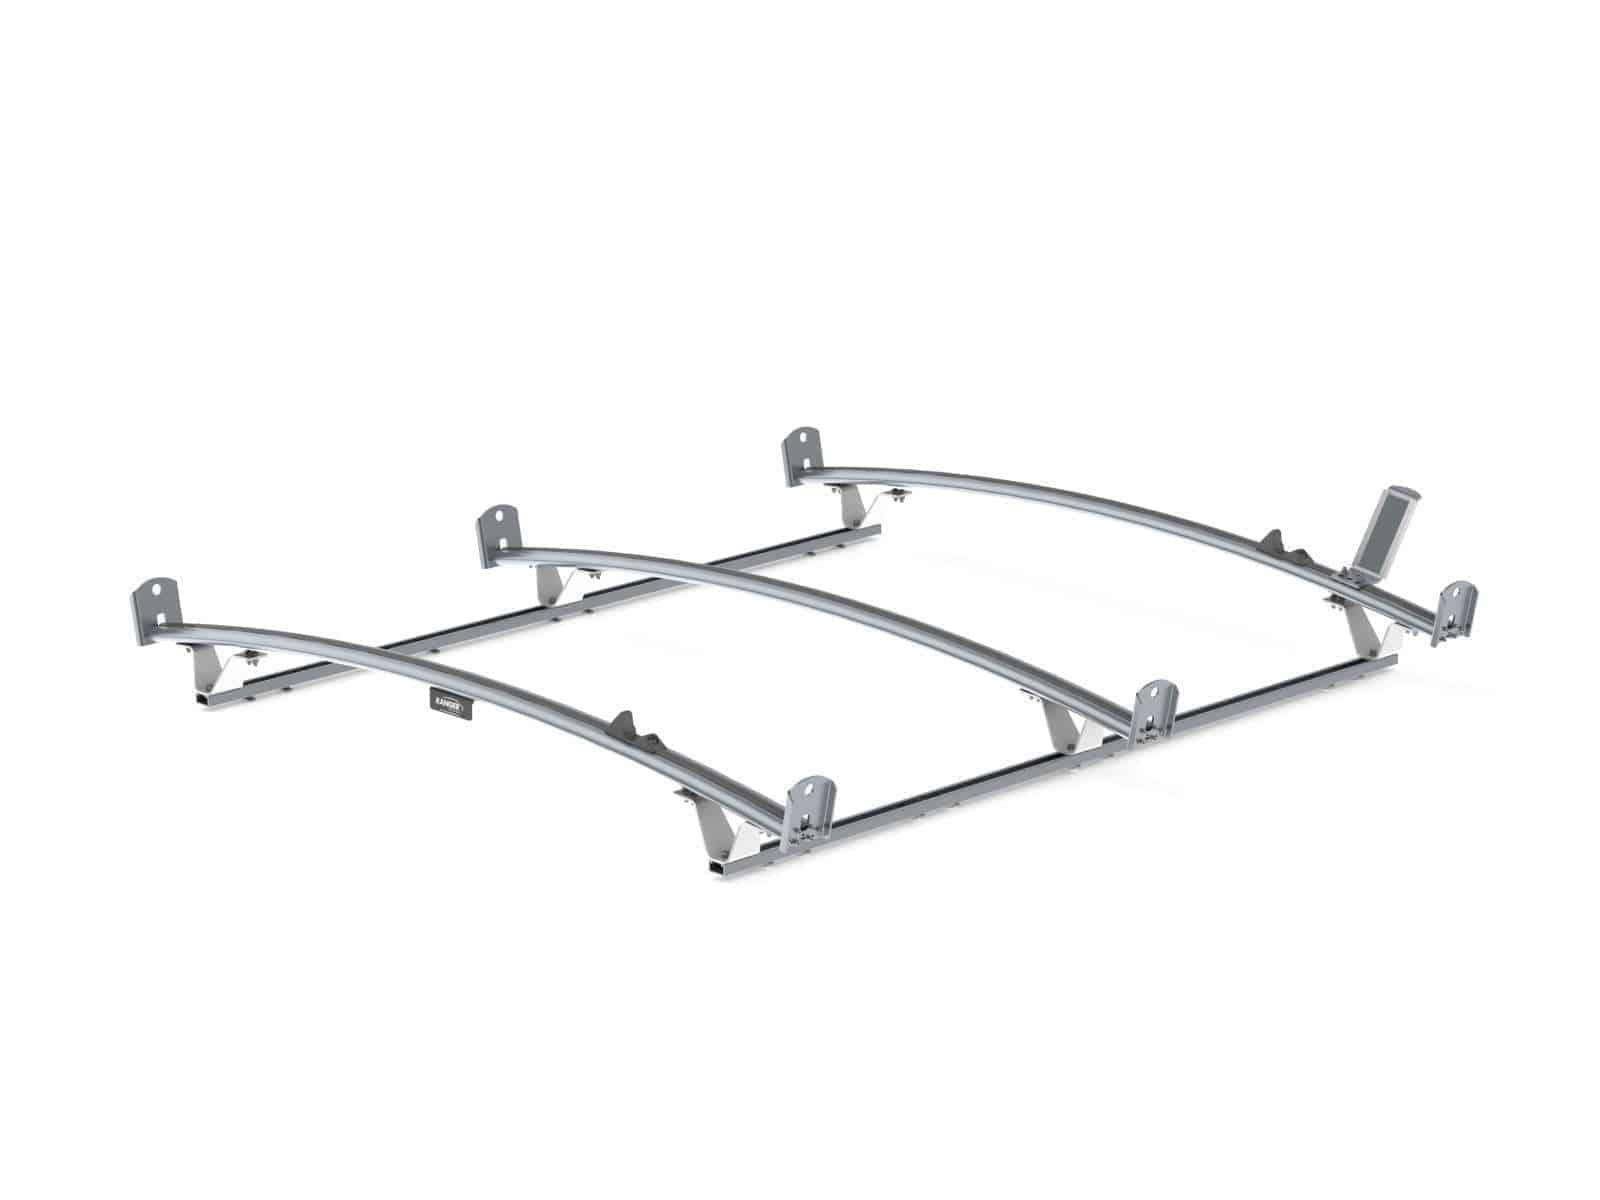 Standard Nissan Nv Ladder Rack Hr 3 Bar System